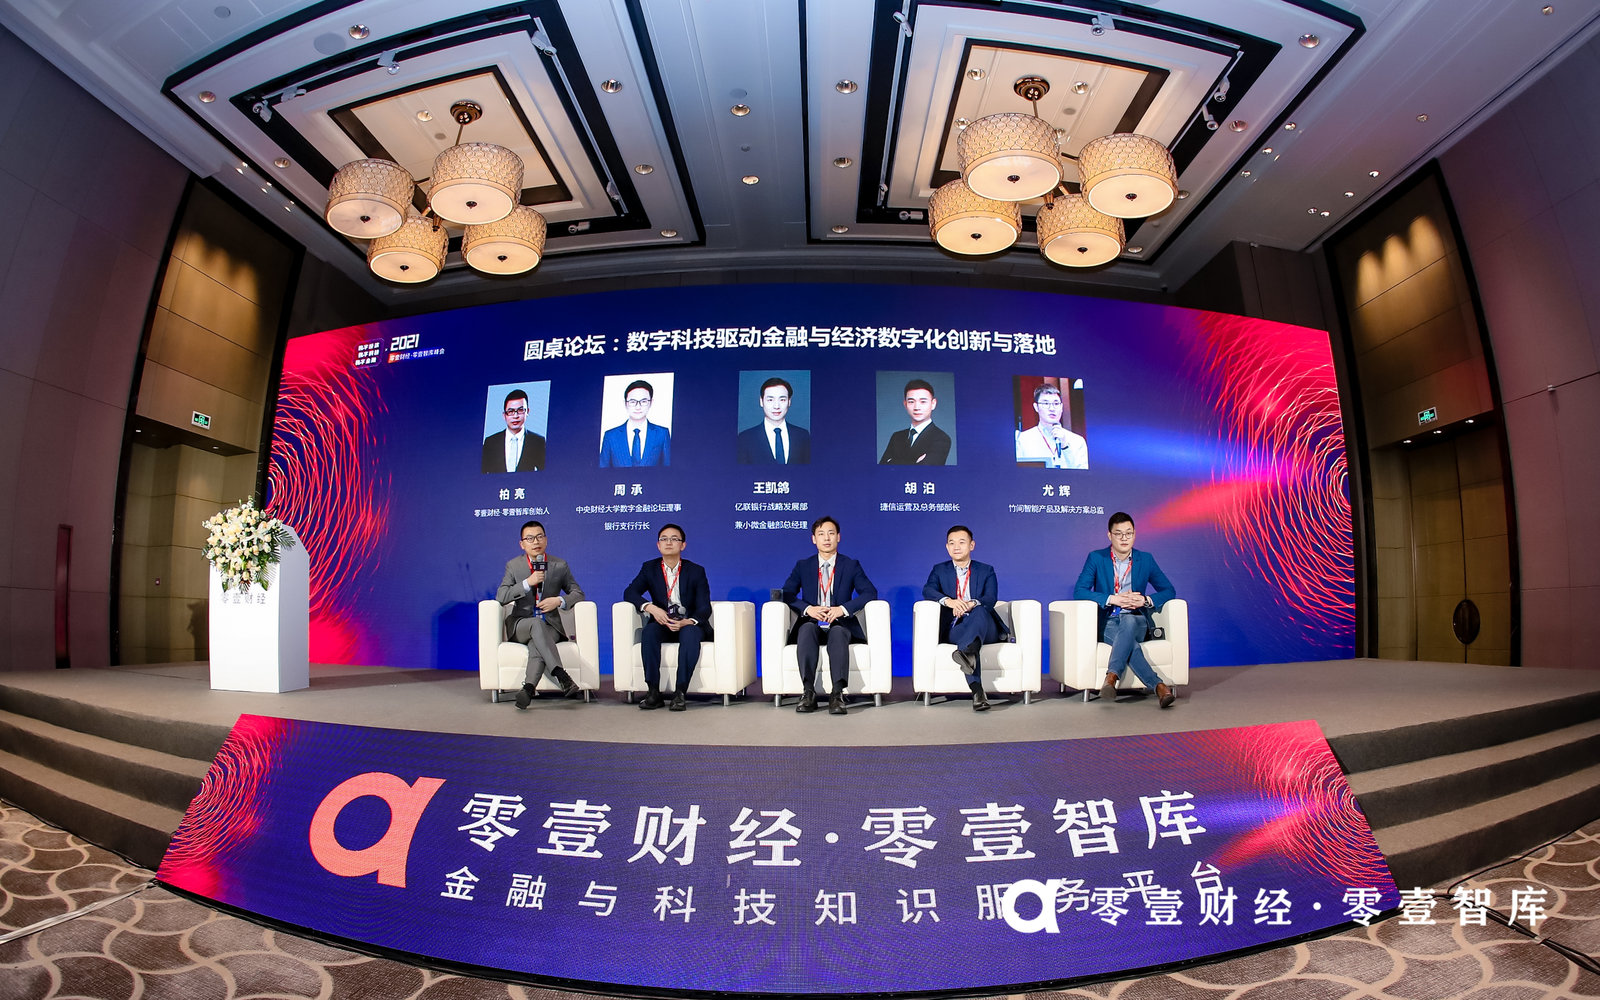 圆桌论坛:数字科技驱动金融与经济数字化创新与落地